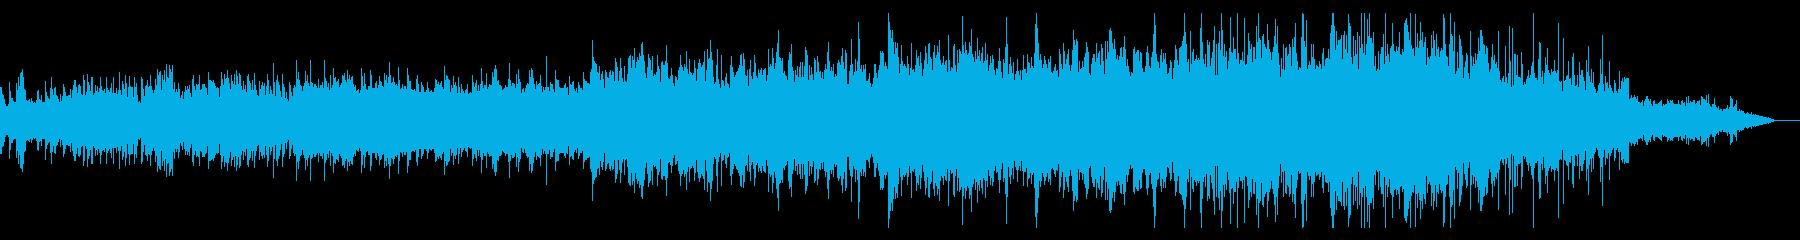 ノイジーでシネマティックなBGMの再生済みの波形